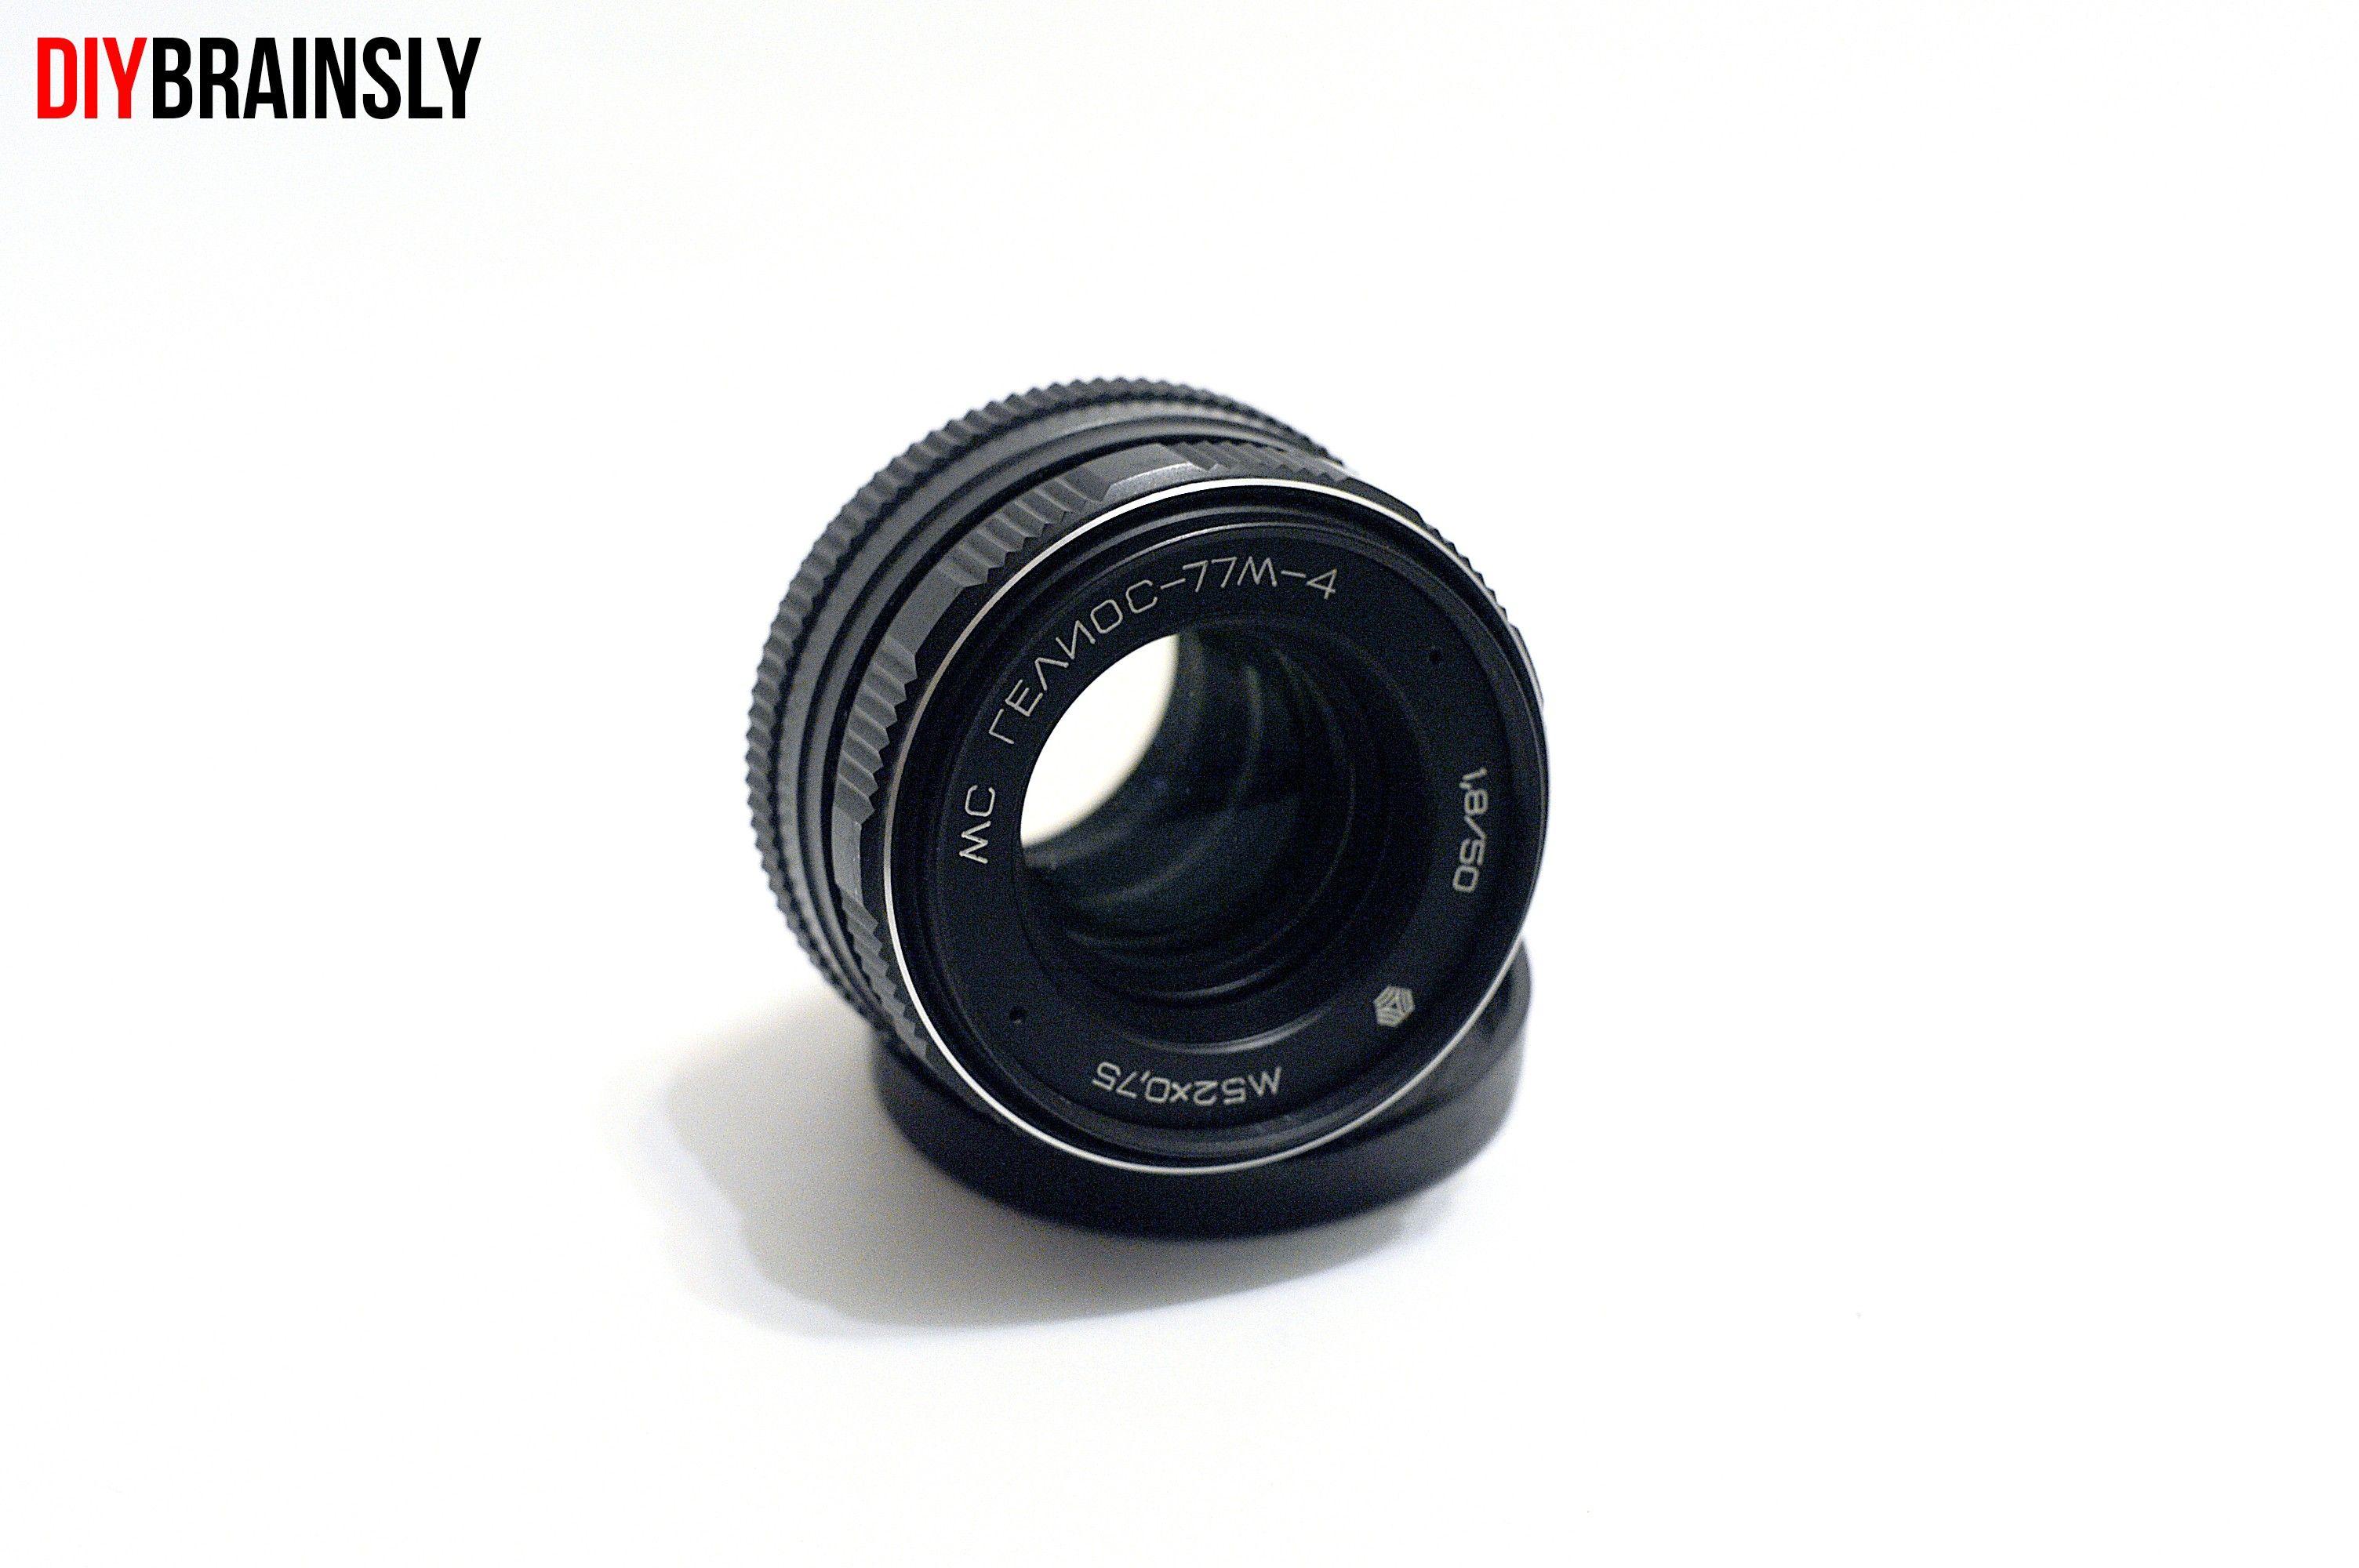 как сфокусировать фотоаппарат на бесконечность строительство